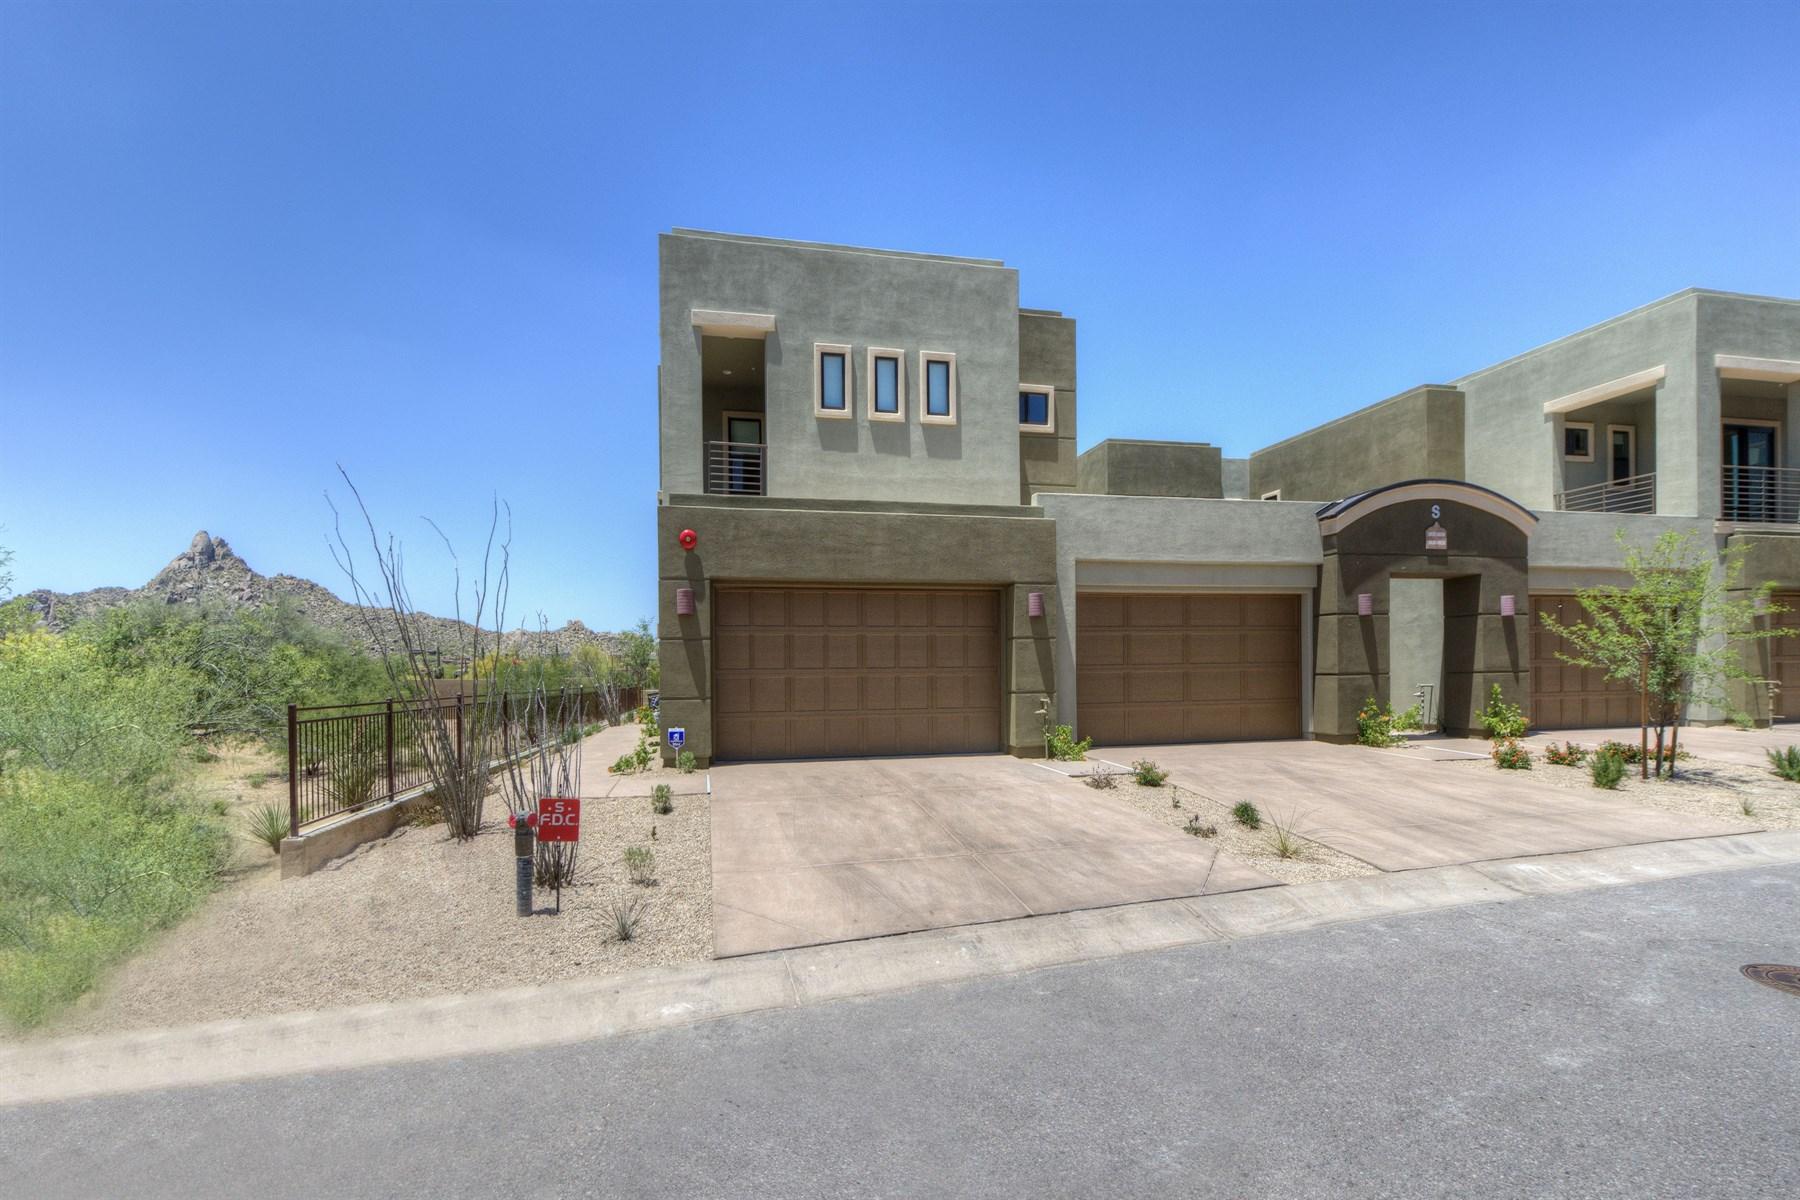 아파트 용 매매 에 New exclusive gated community 'pinnacle pointe 27000 N ALMA SCHOOL PKWY 1037 Scottsdale, 아리조나 85262 미국